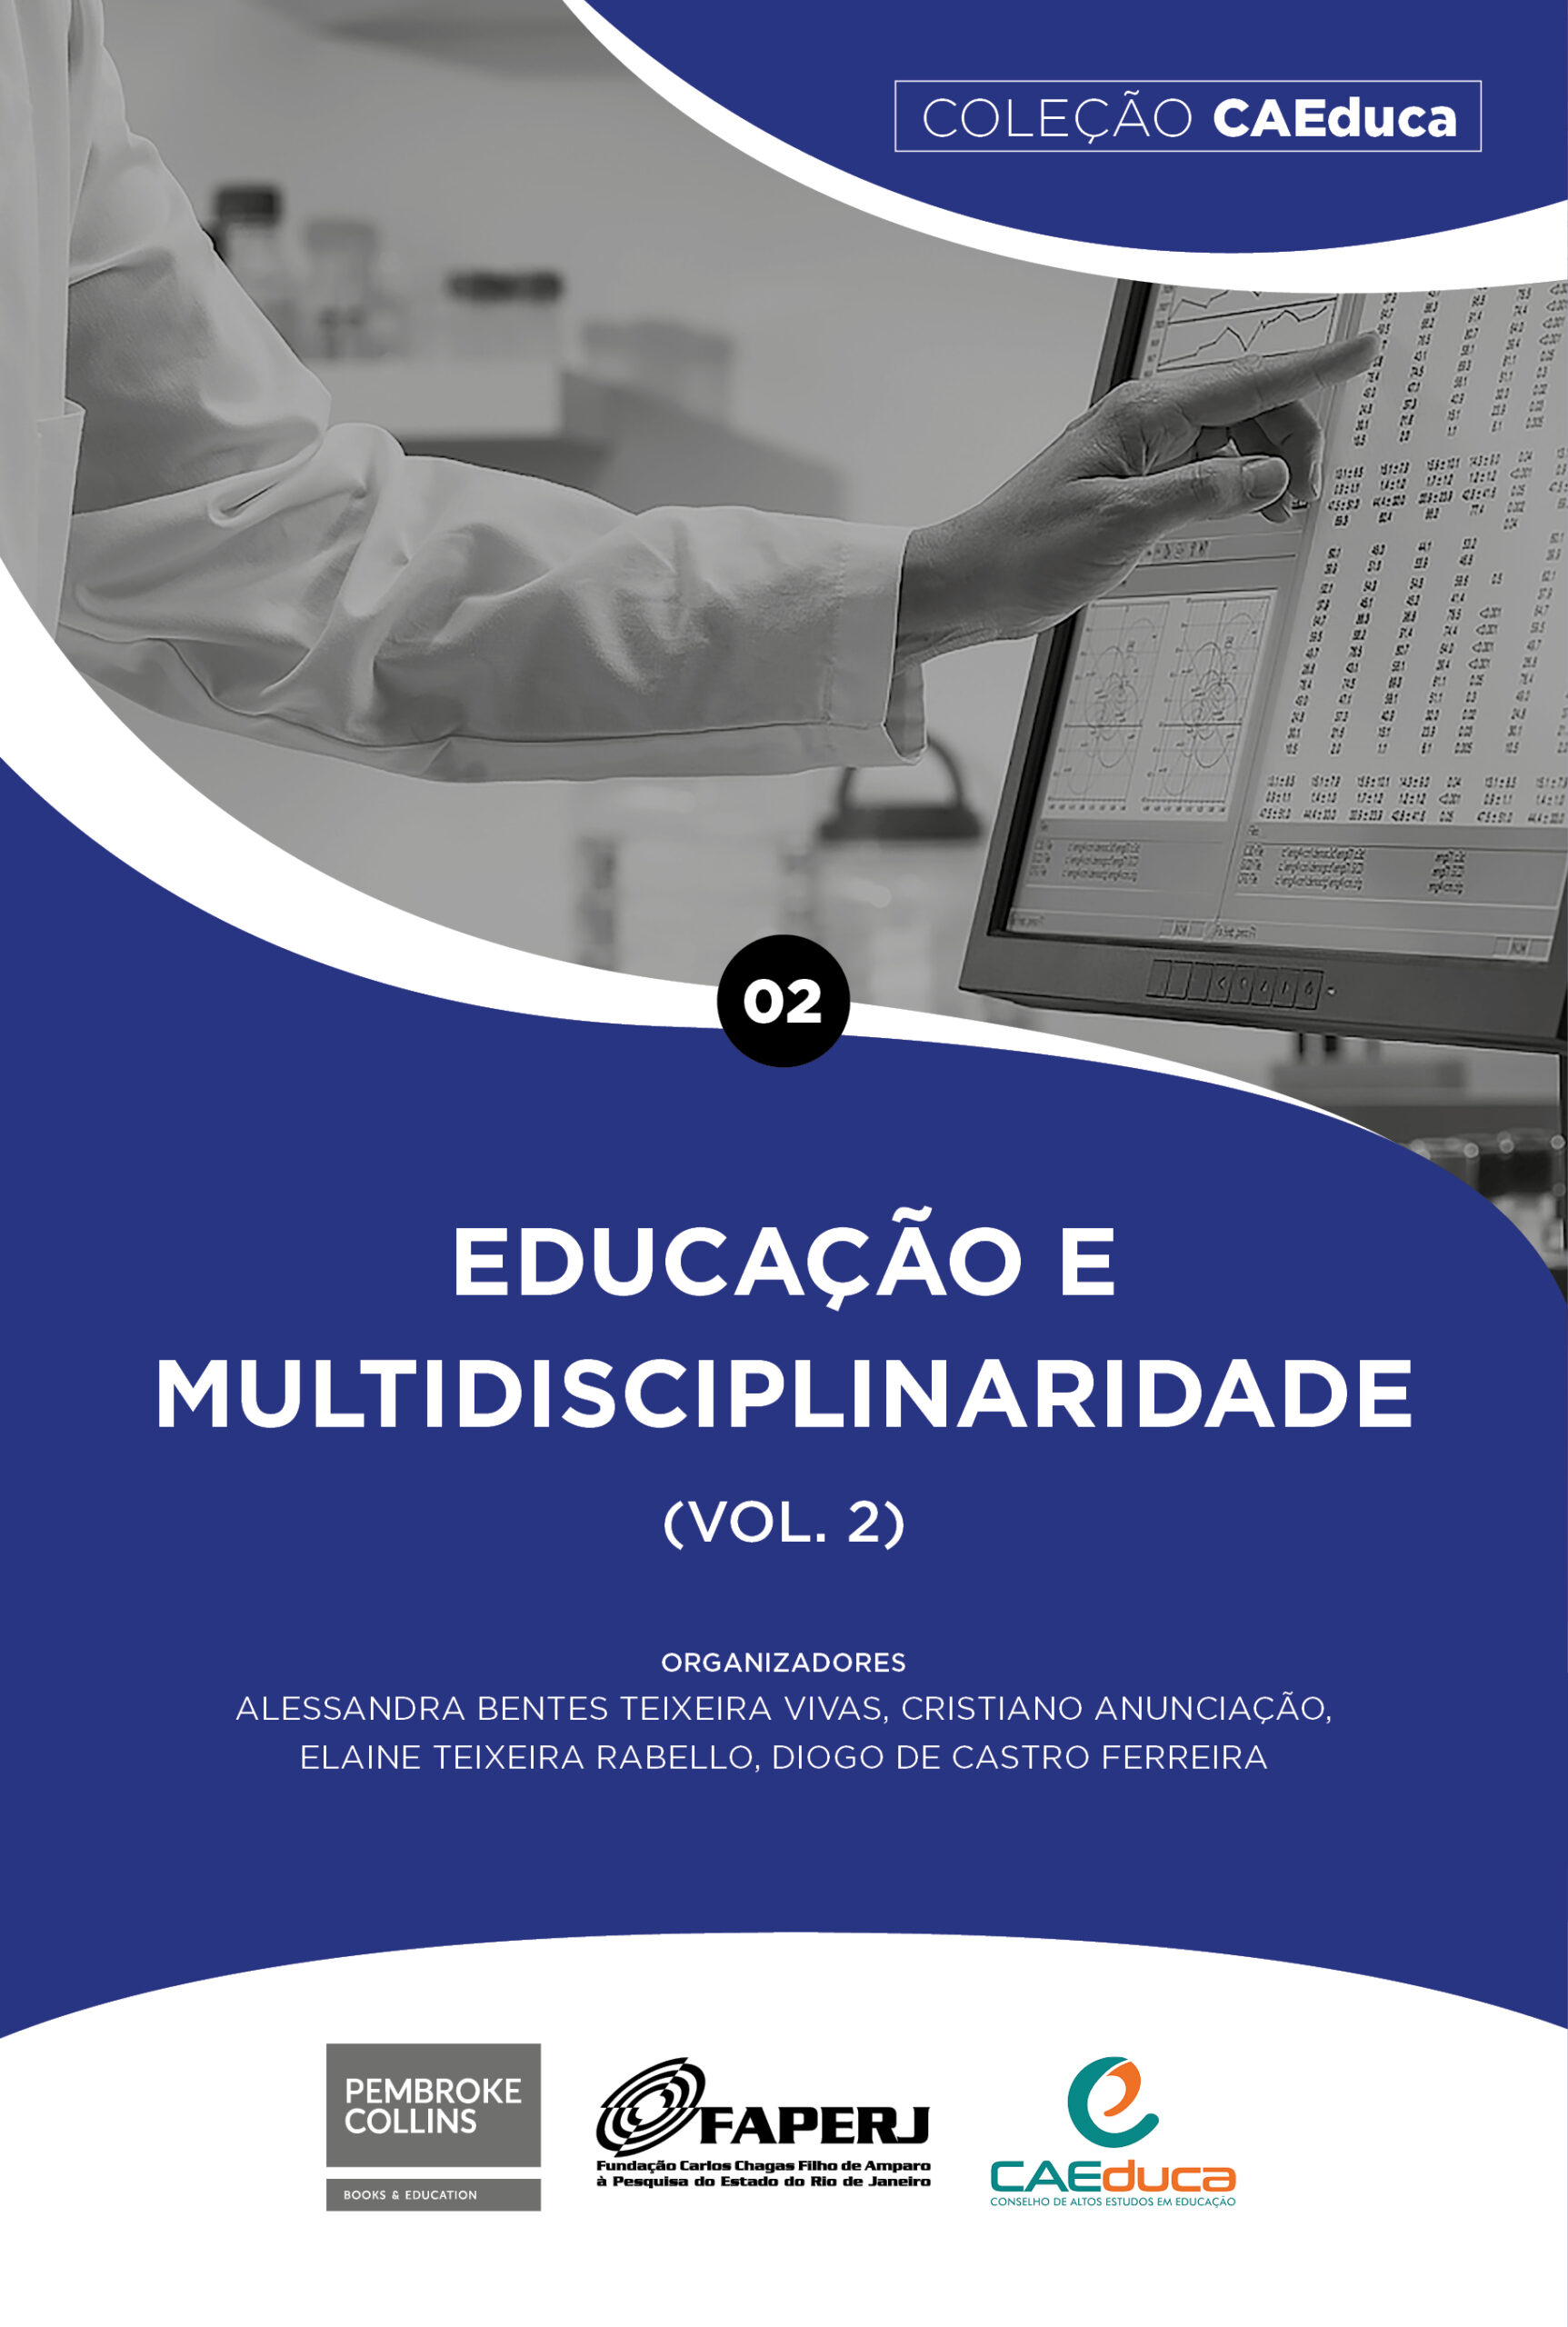 educacao-e-multidisciplinaridade-vo2-caeduca